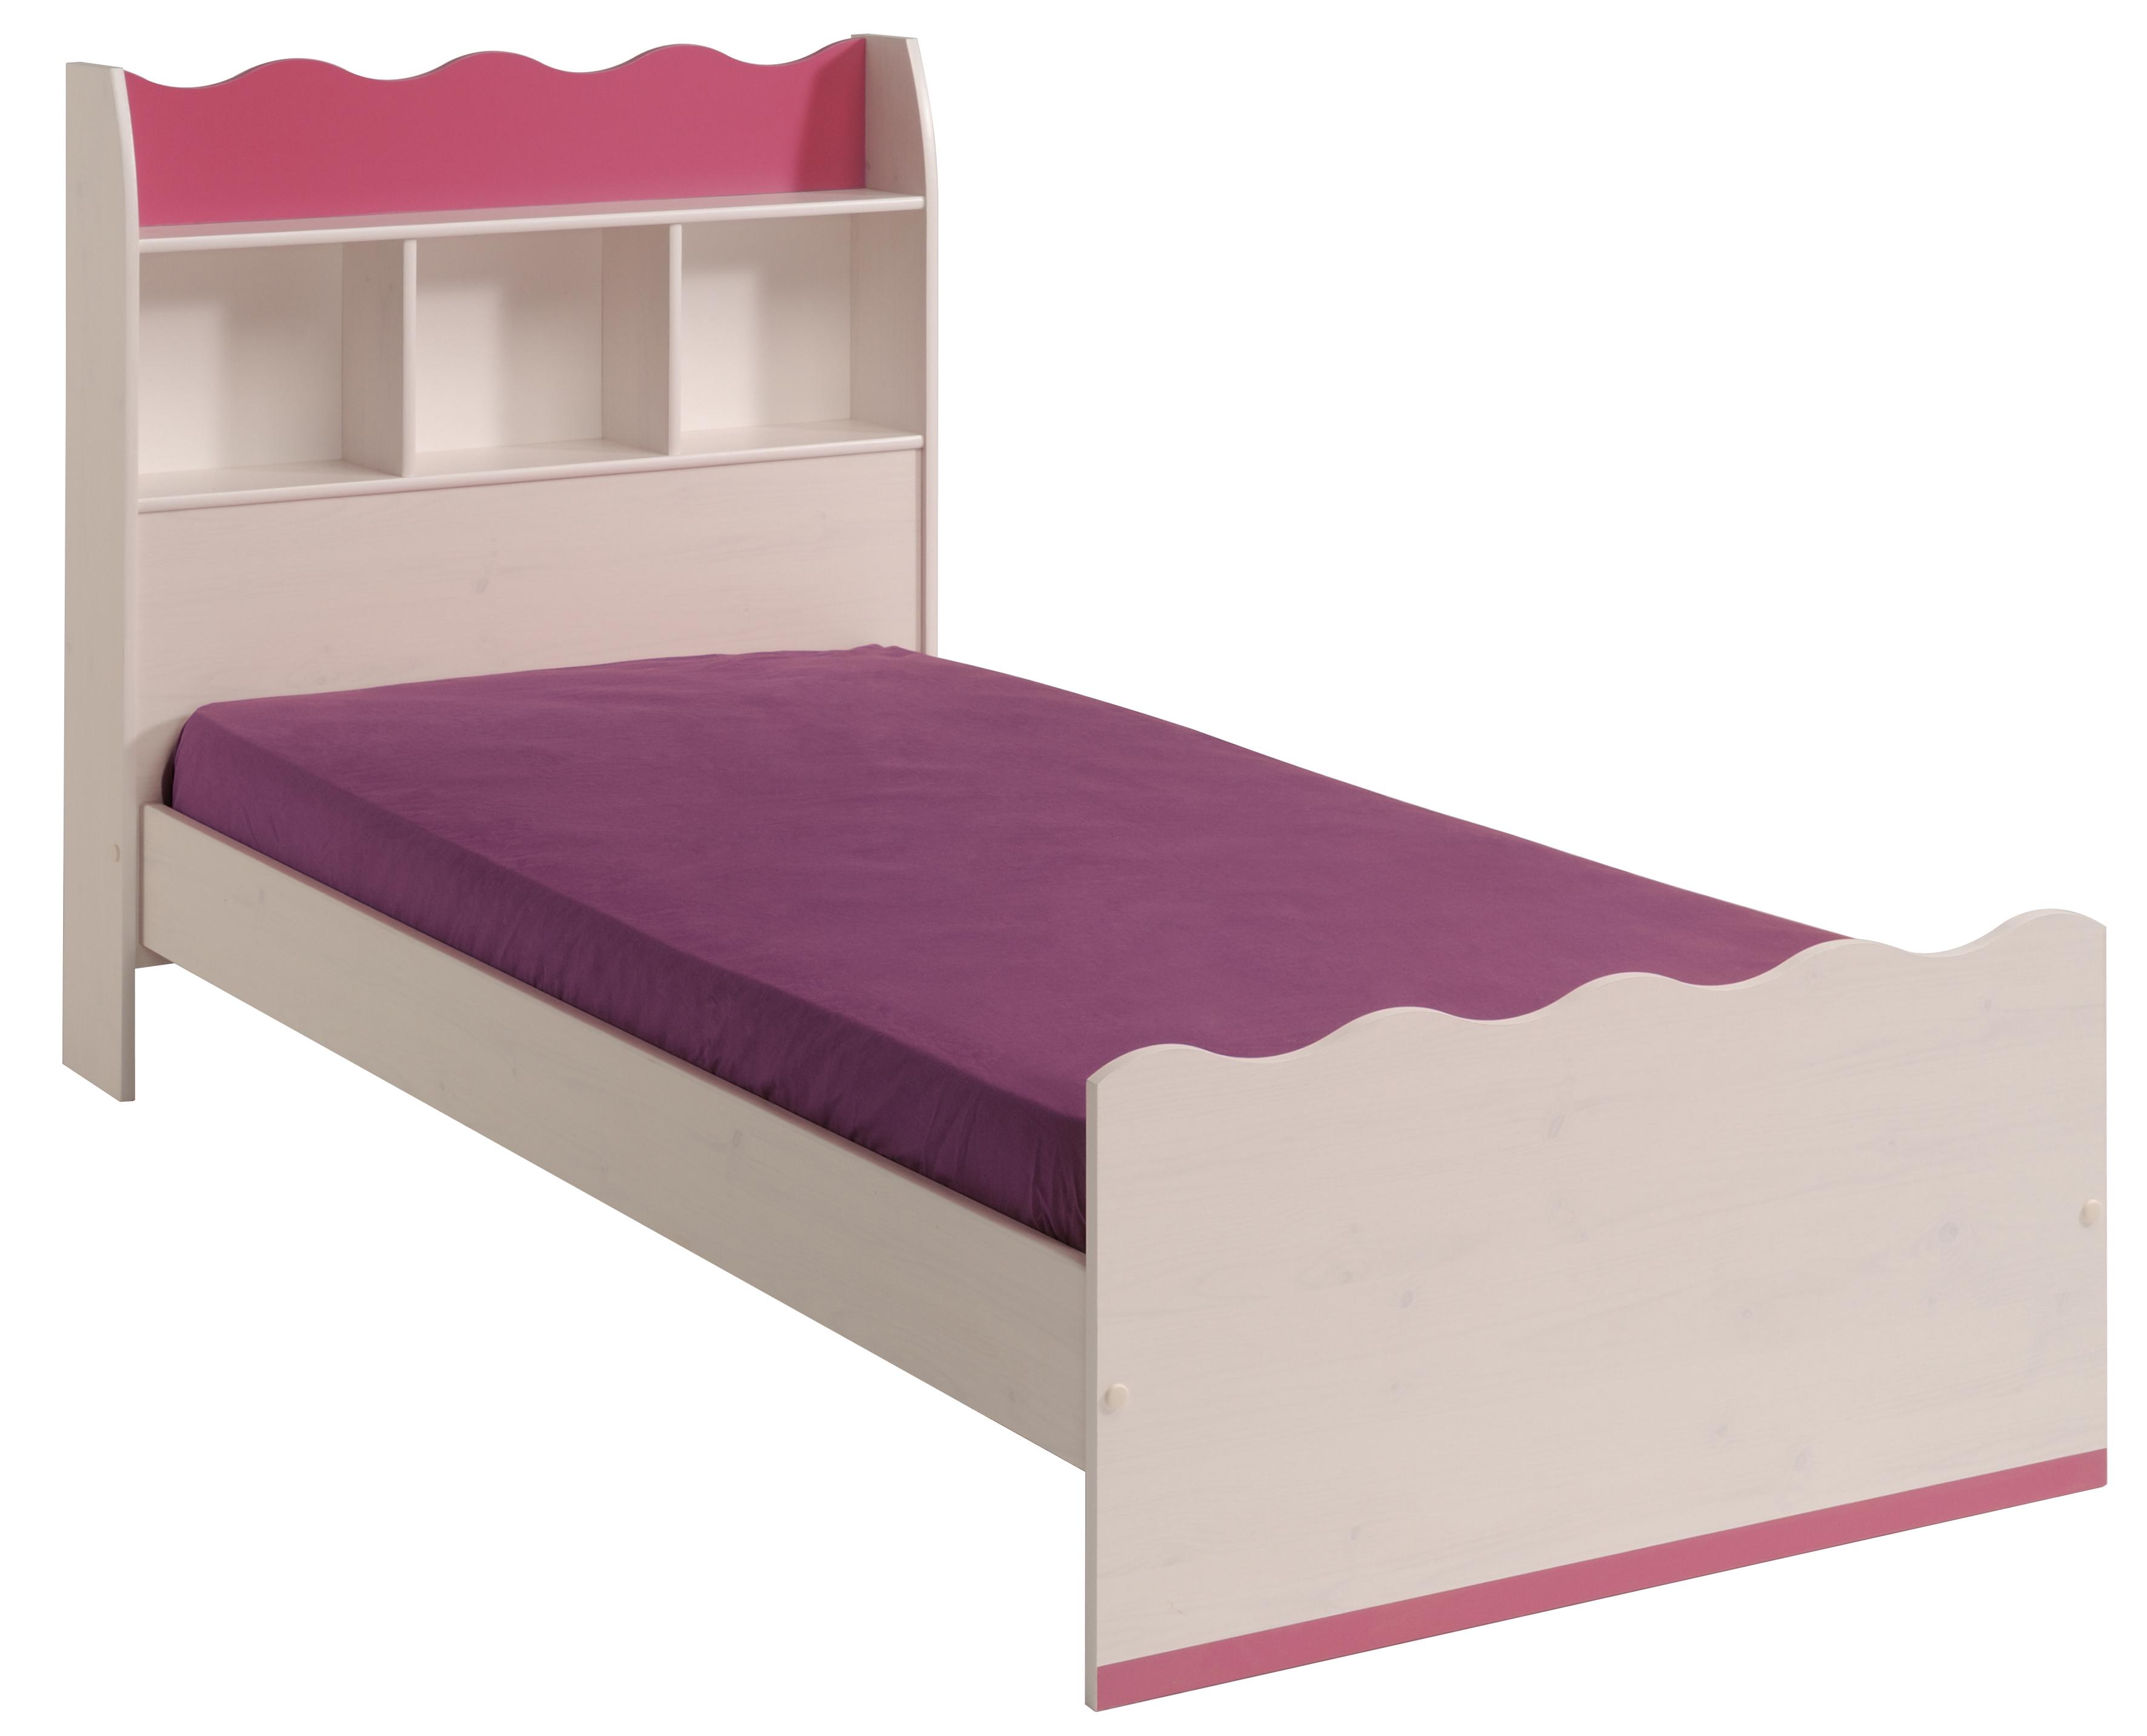 parisot m dchenzimmer set kinderzimmer m bel set 4teilig kinderbett 90x200 cm ebay. Black Bedroom Furniture Sets. Home Design Ideas